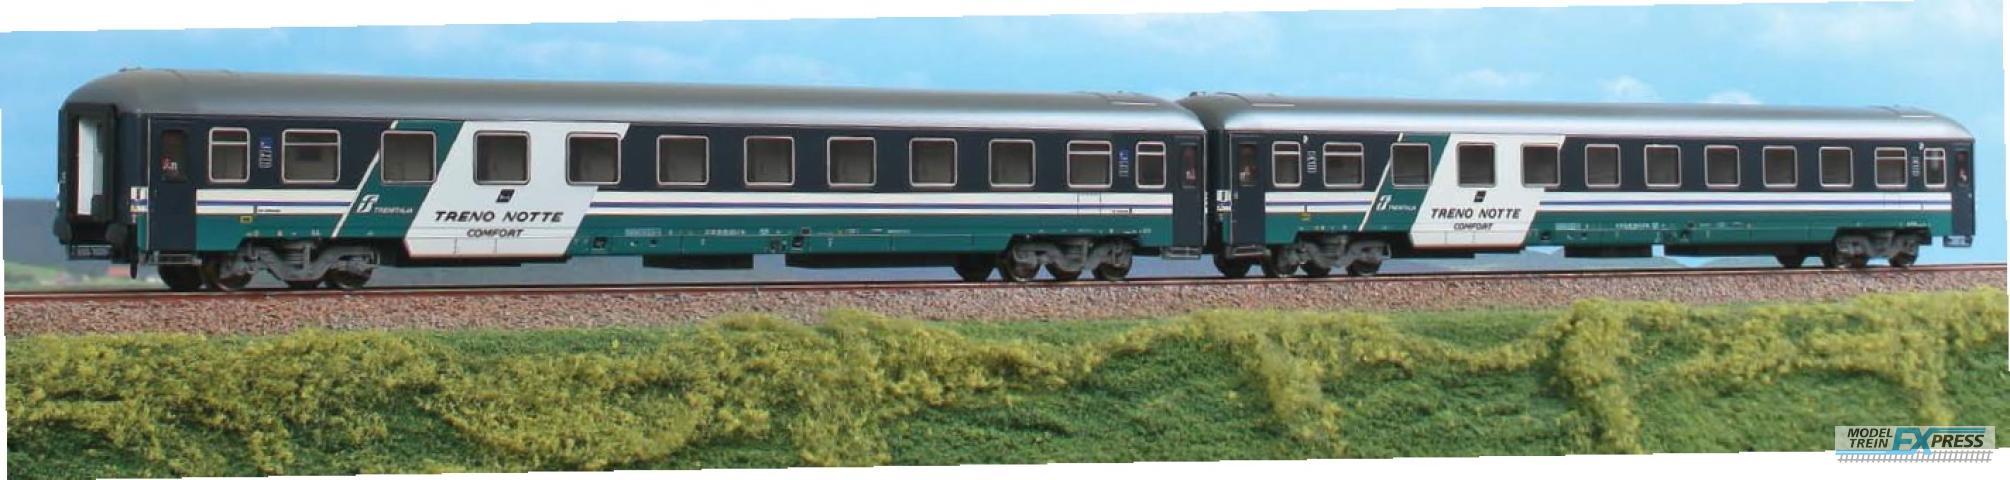 ACME 55175